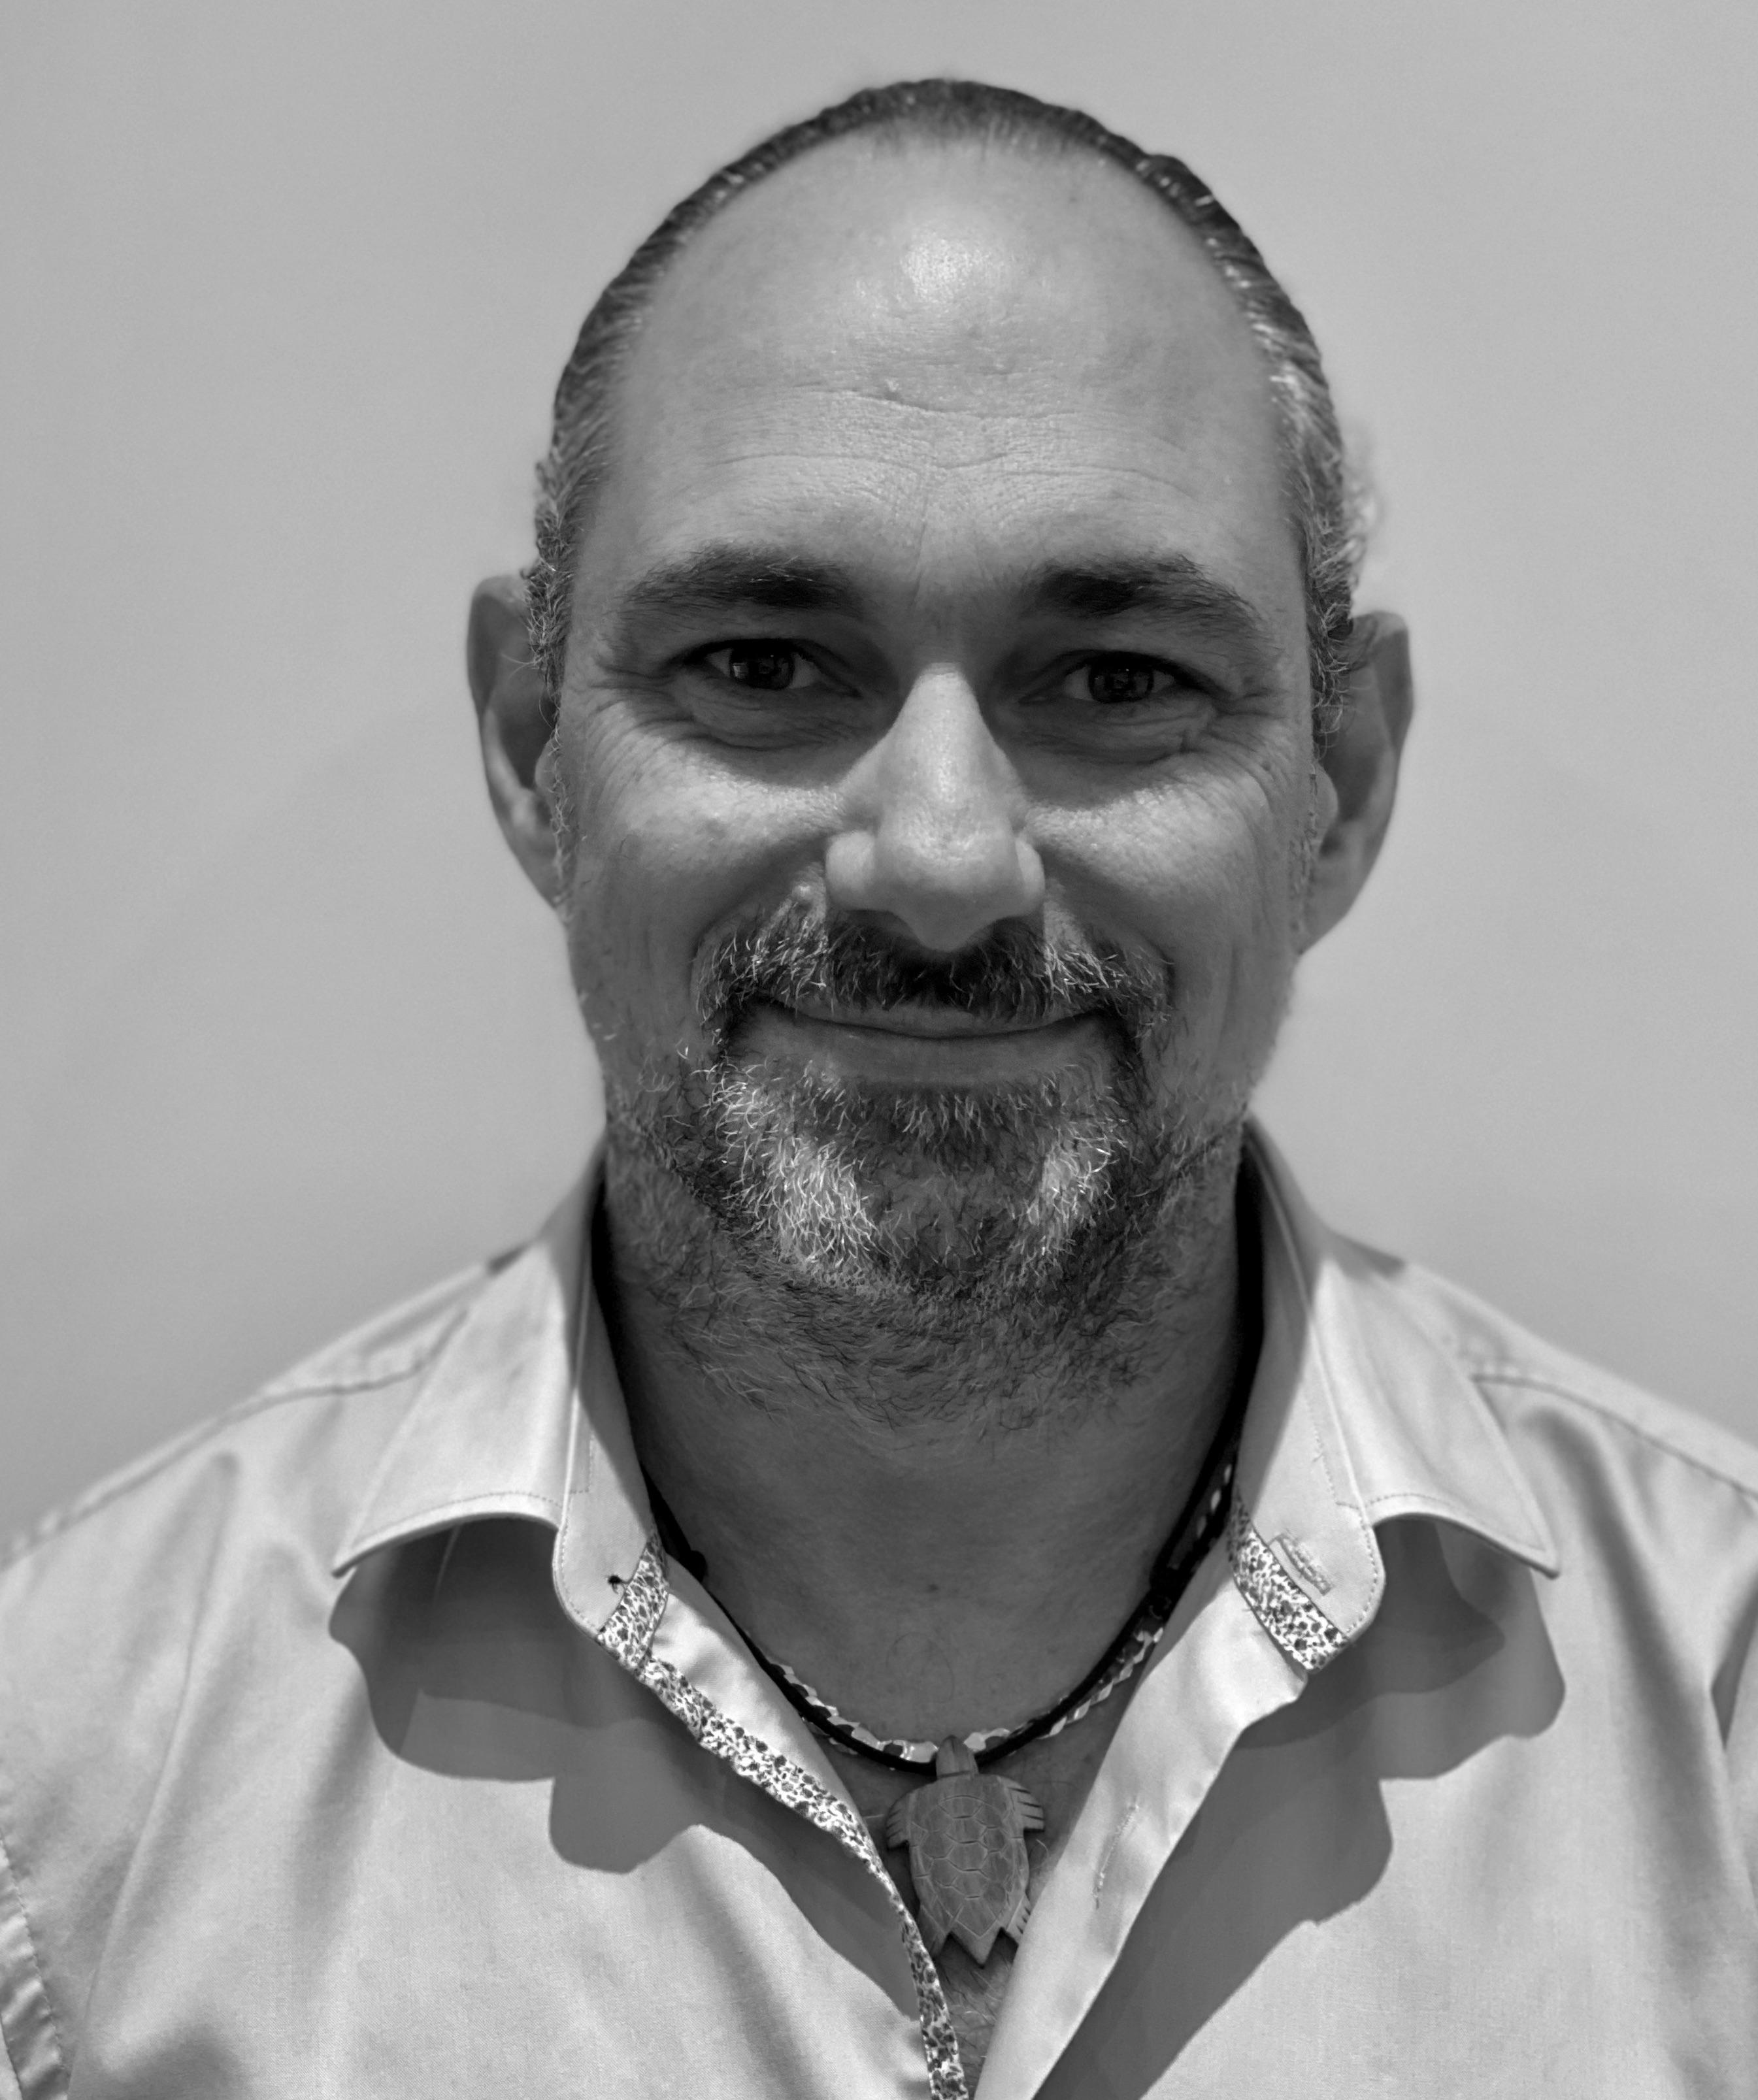 Peter Spora